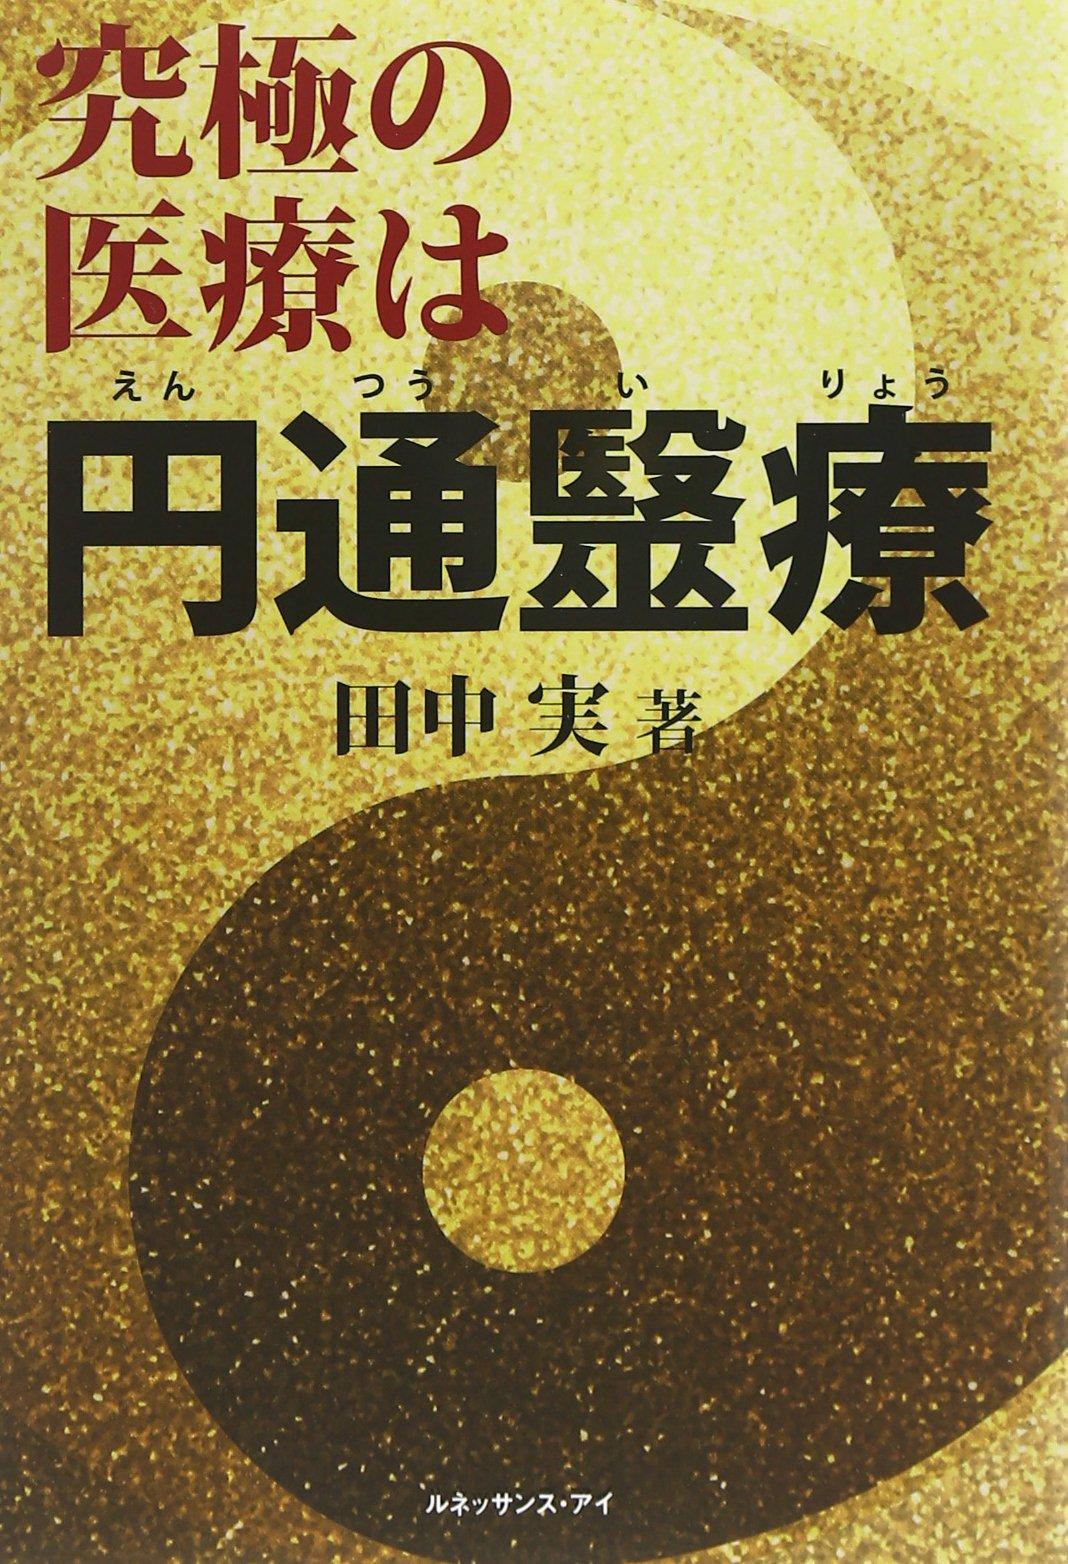 Download Kyukyoku no iryo wa entsu iryo. pdf